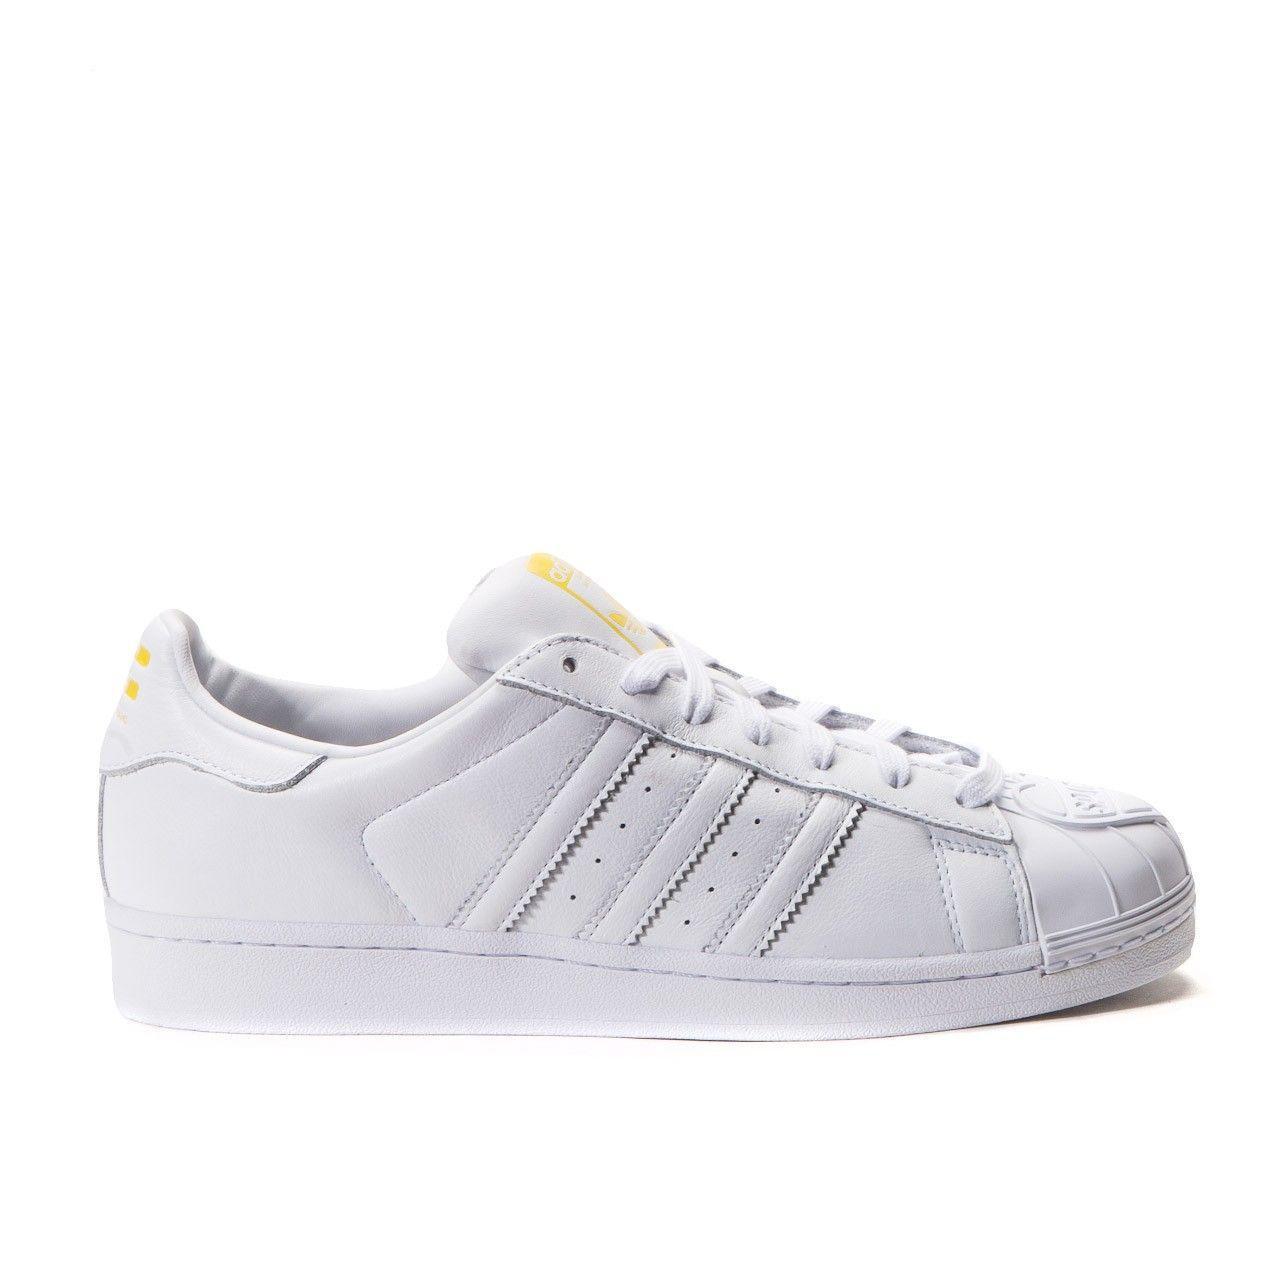 bde8578c7a4d1 Adidas x Pharrell Williams Superstar